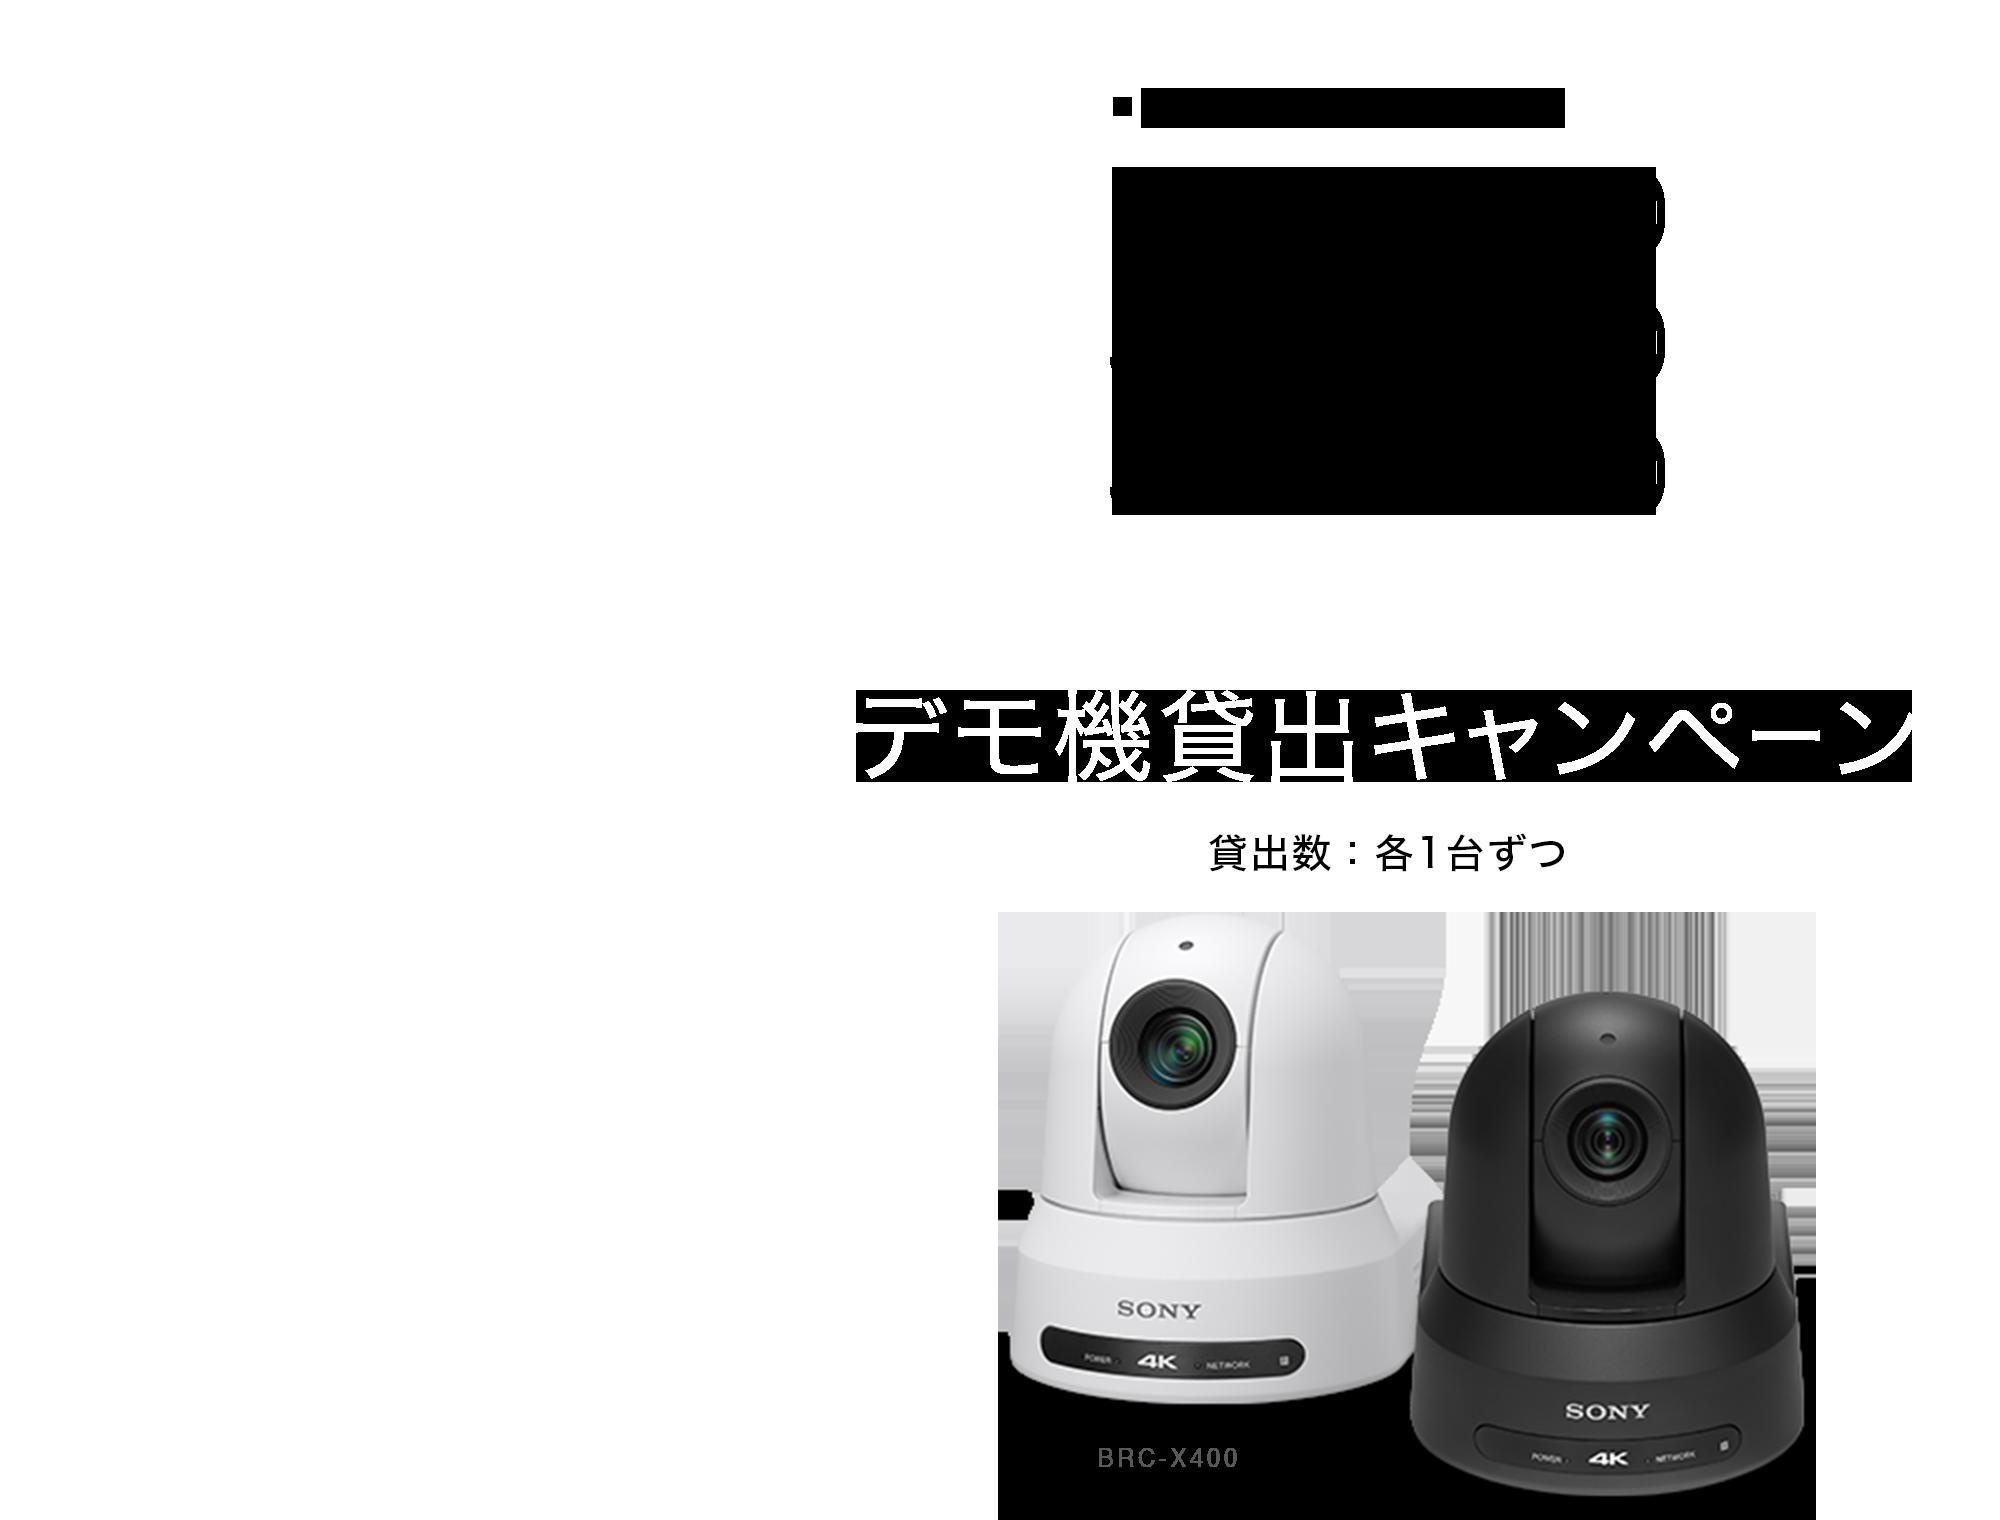 旋回型リモートカメラ「BRC-X400」「SRG-X400」「SRG-X120」デモ機貸出キャンペーン